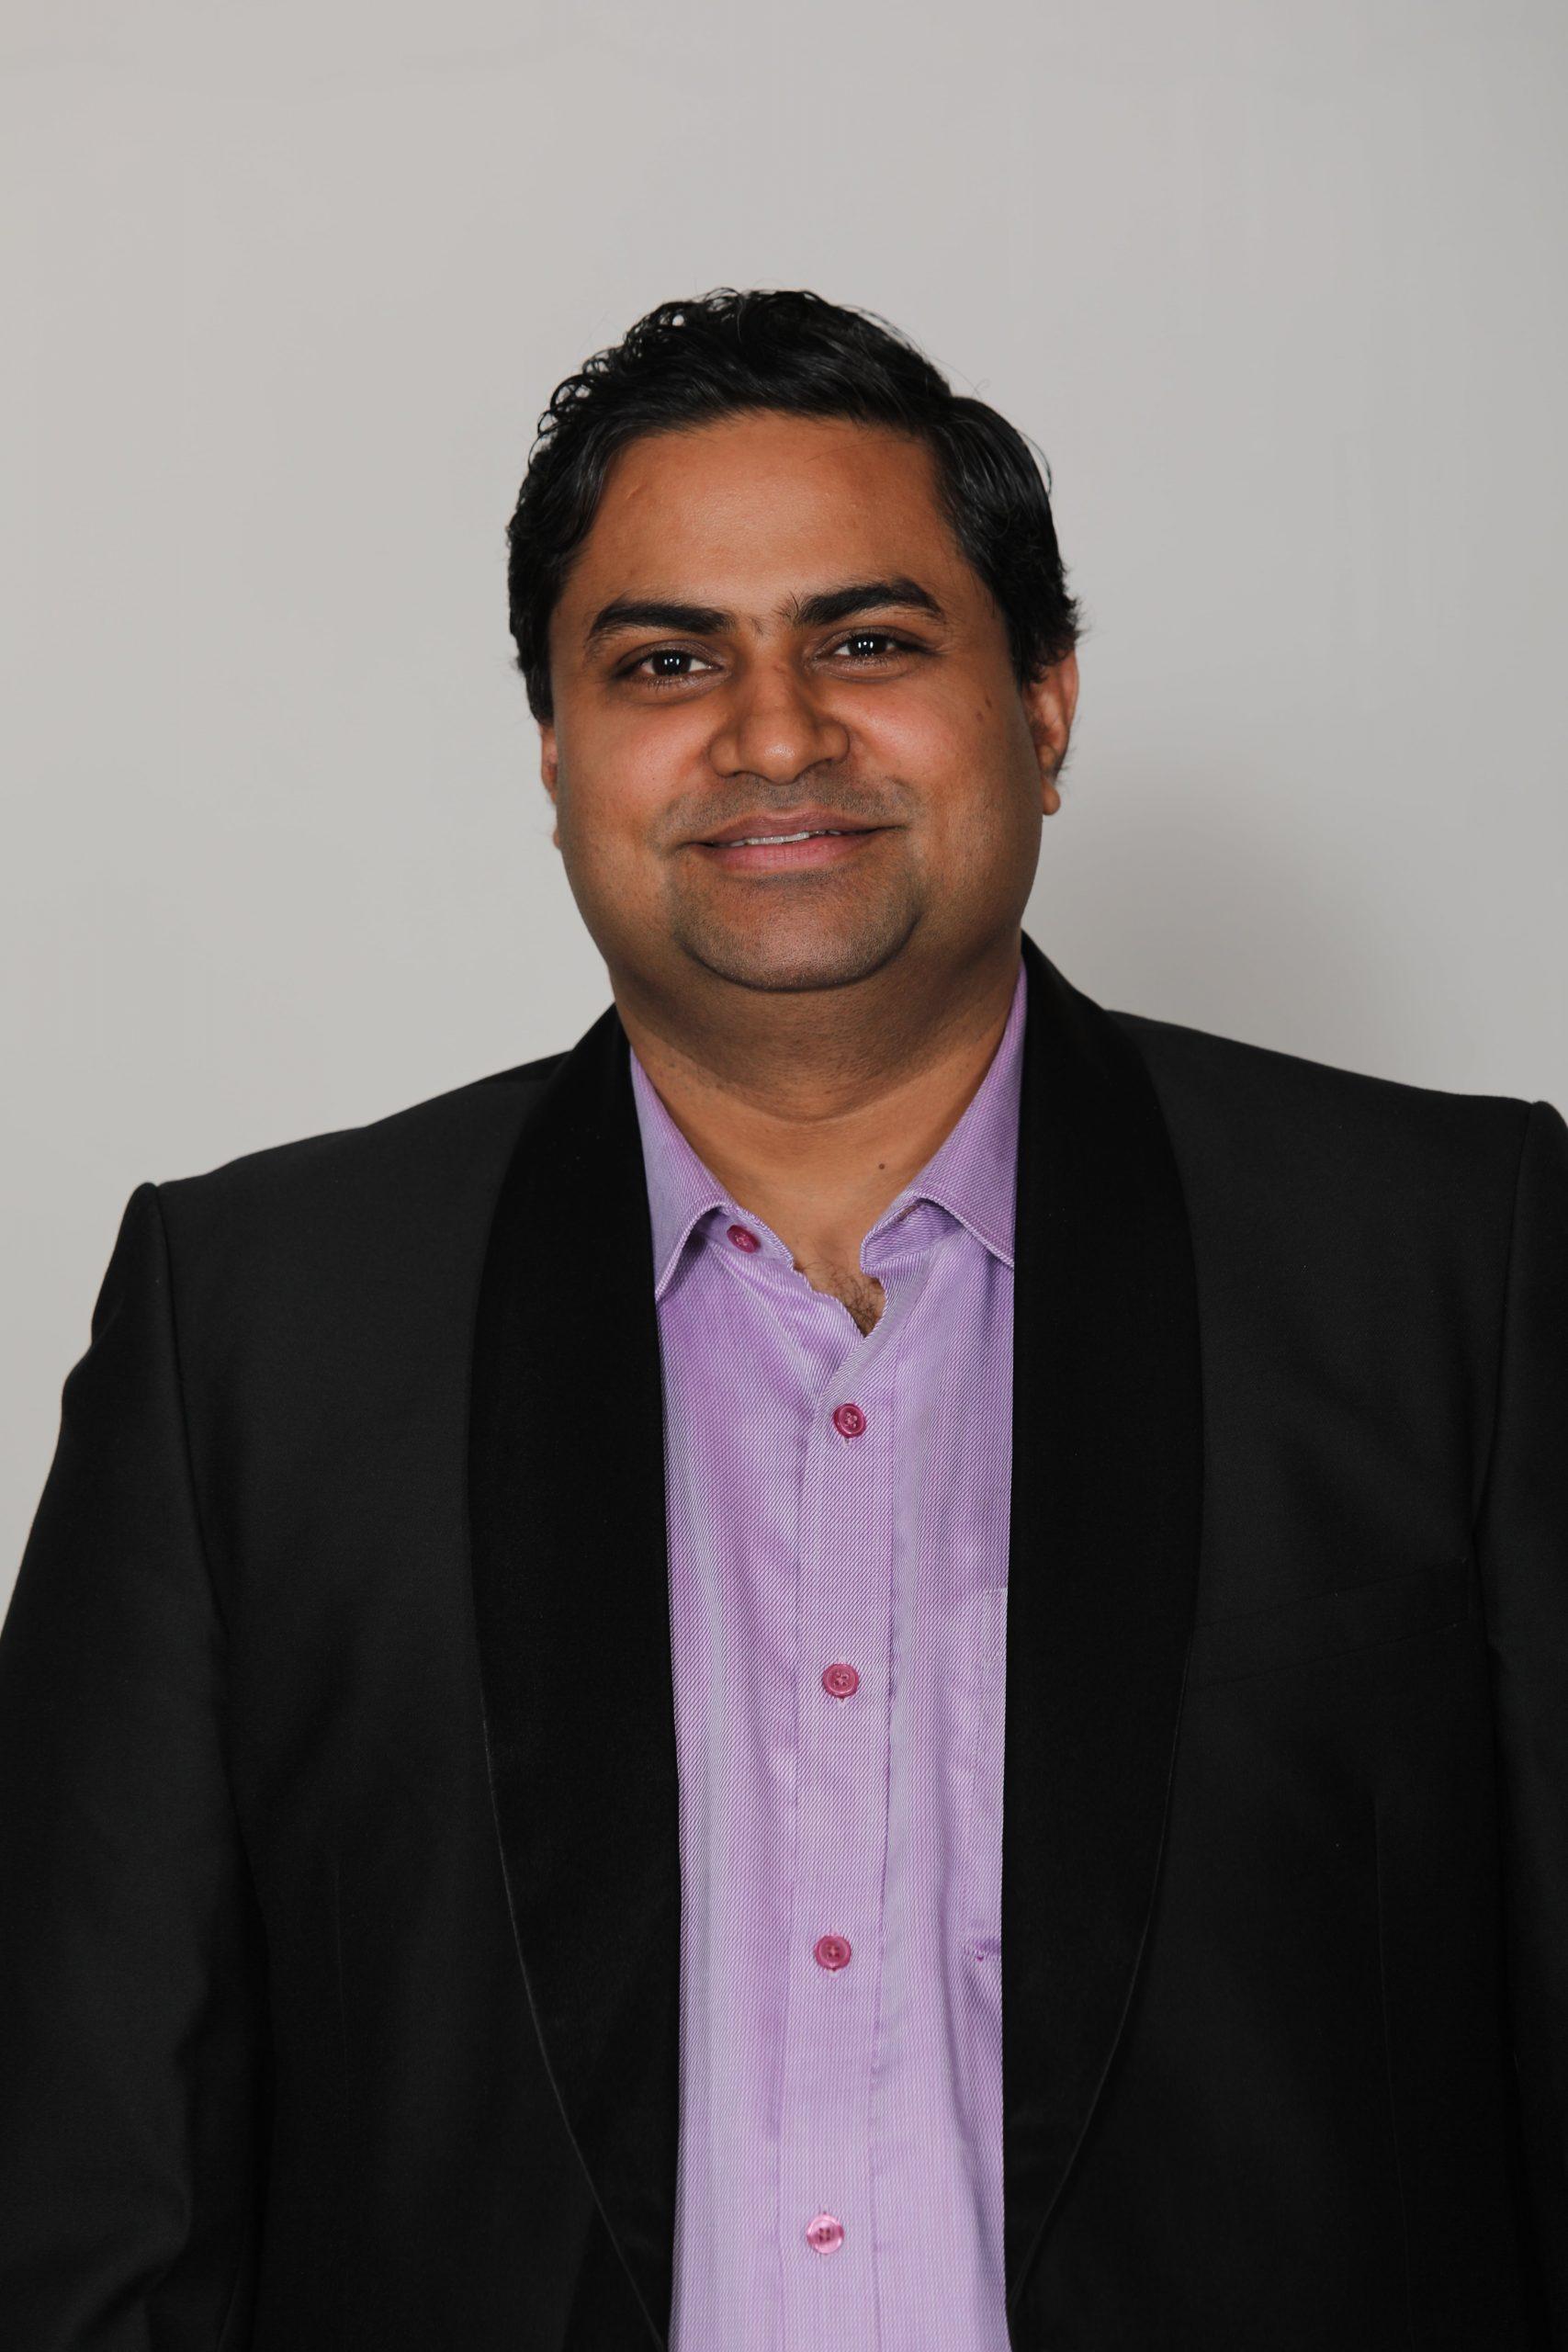 Shashvat Rai